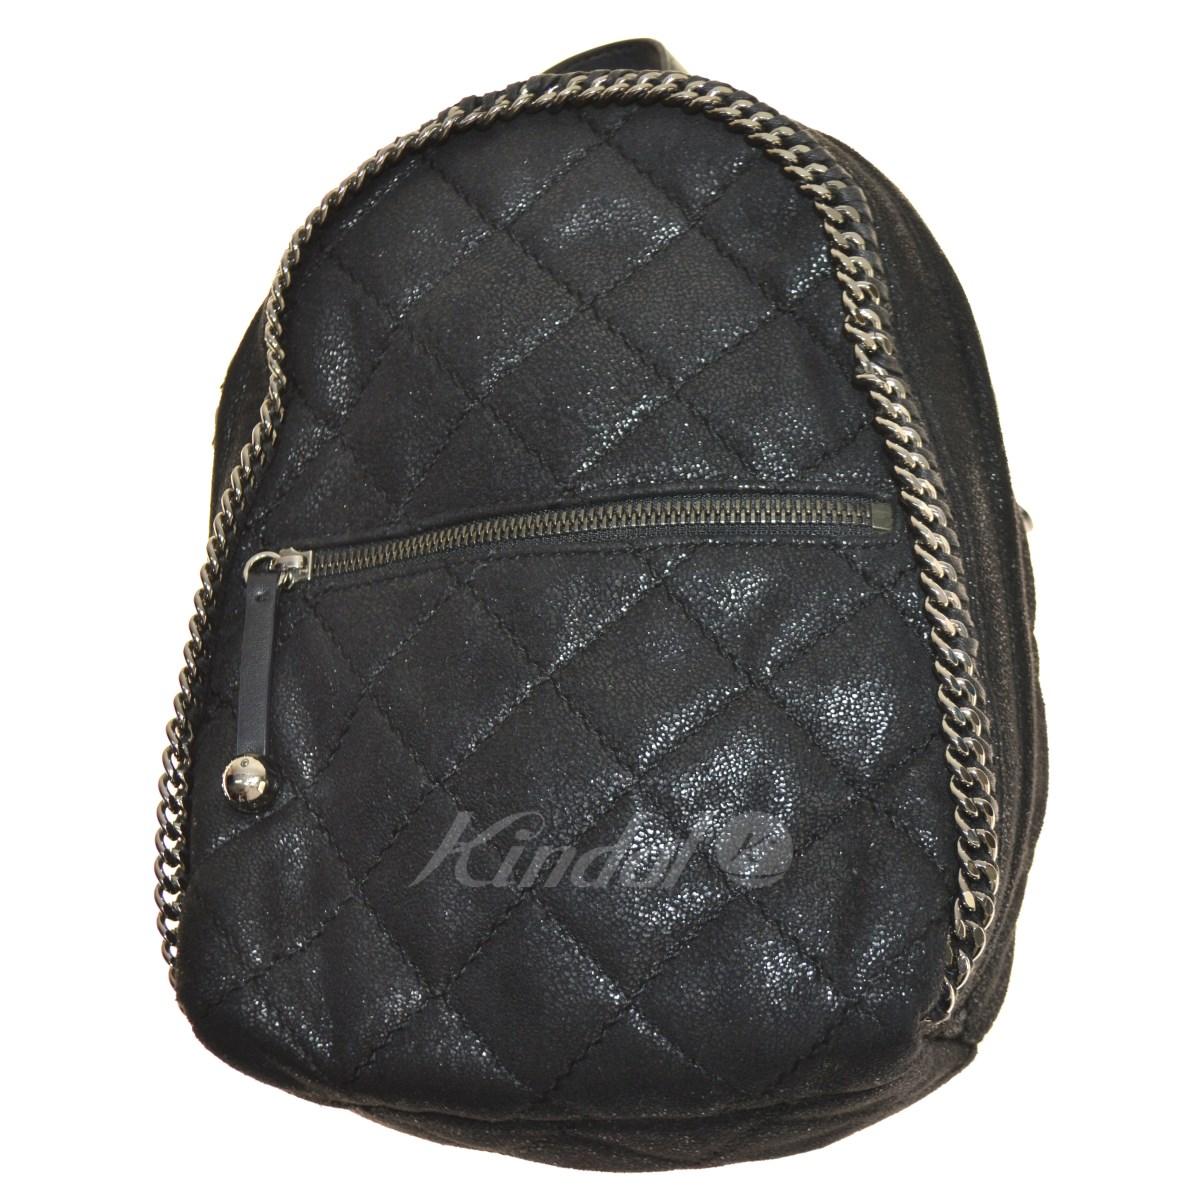 【中古】STELLA McCARTNEY Falabella Quilted Backpack フェイクレザーバックパック ブラック サイズ:- 【送料無料】 【051018】(ステラマッカートニー)